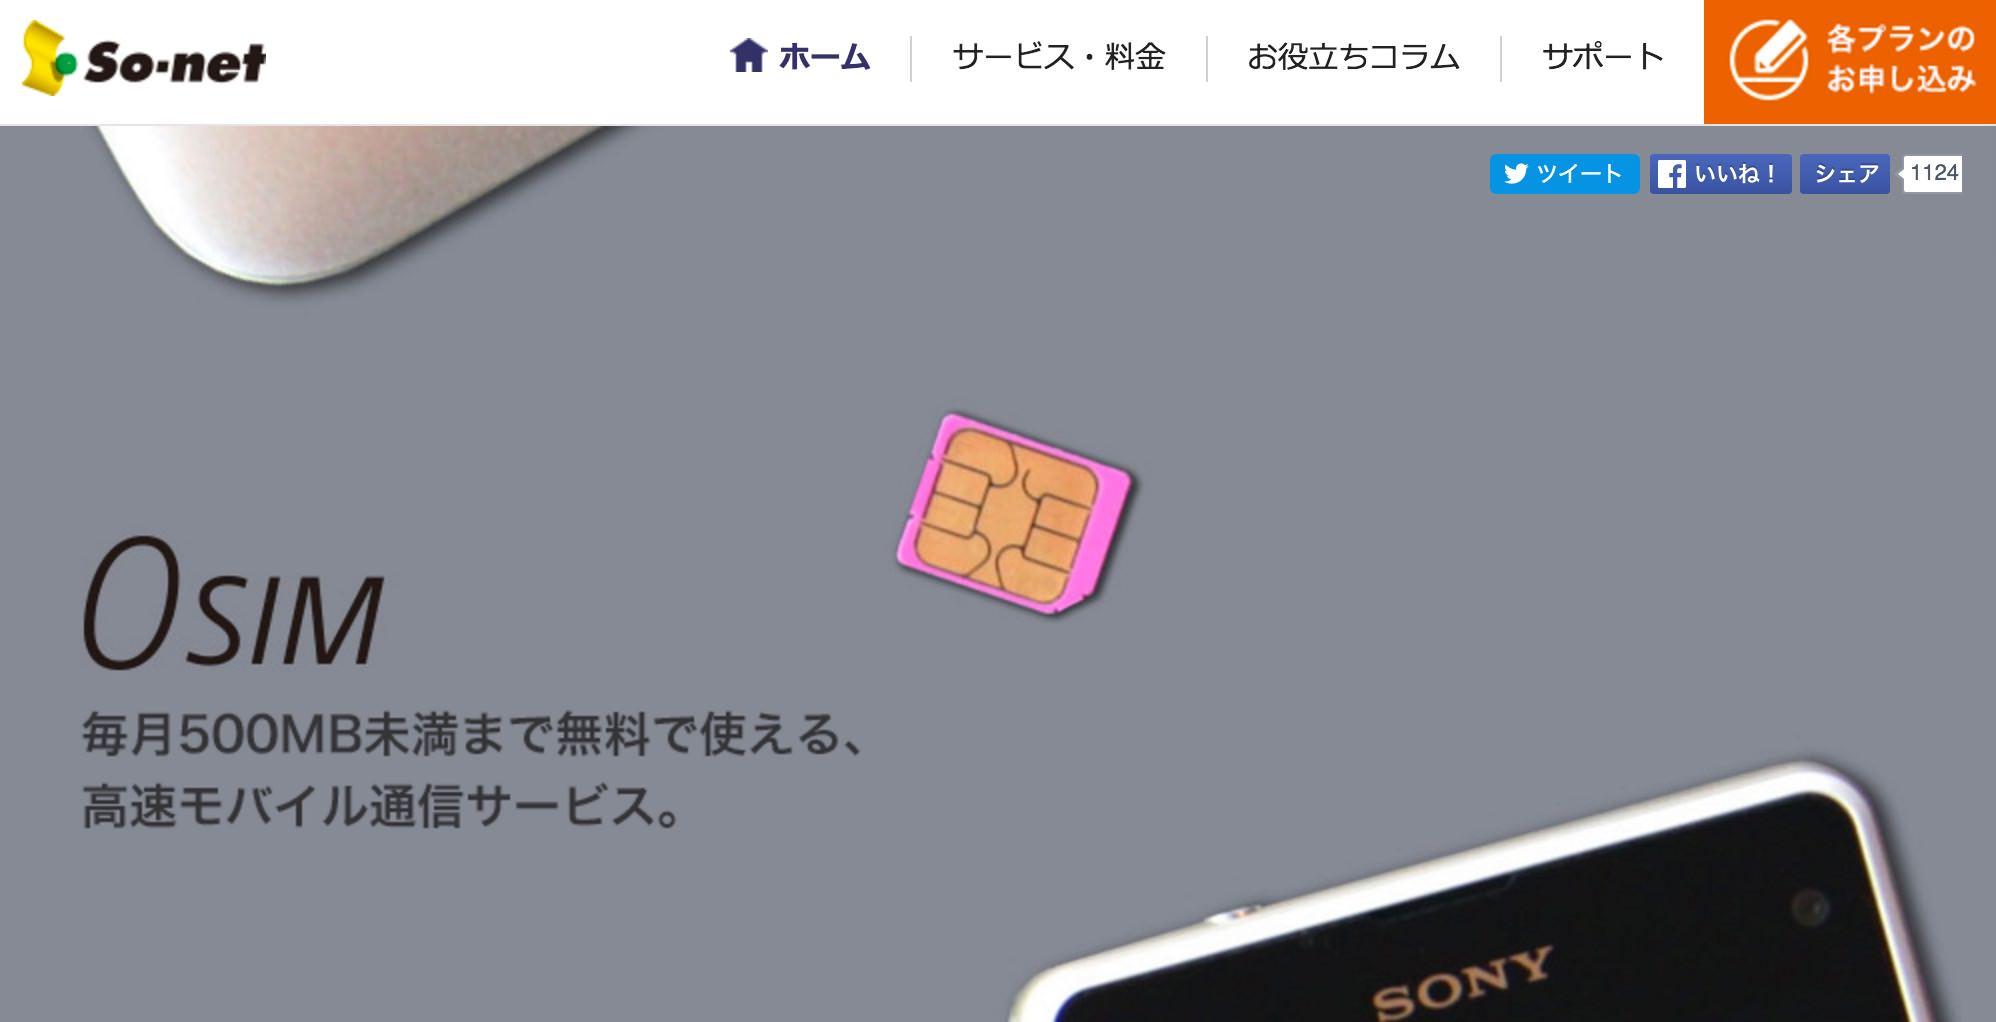 500MBまで無料のSIM「So-net 0 SIM」正式サービスとして開始